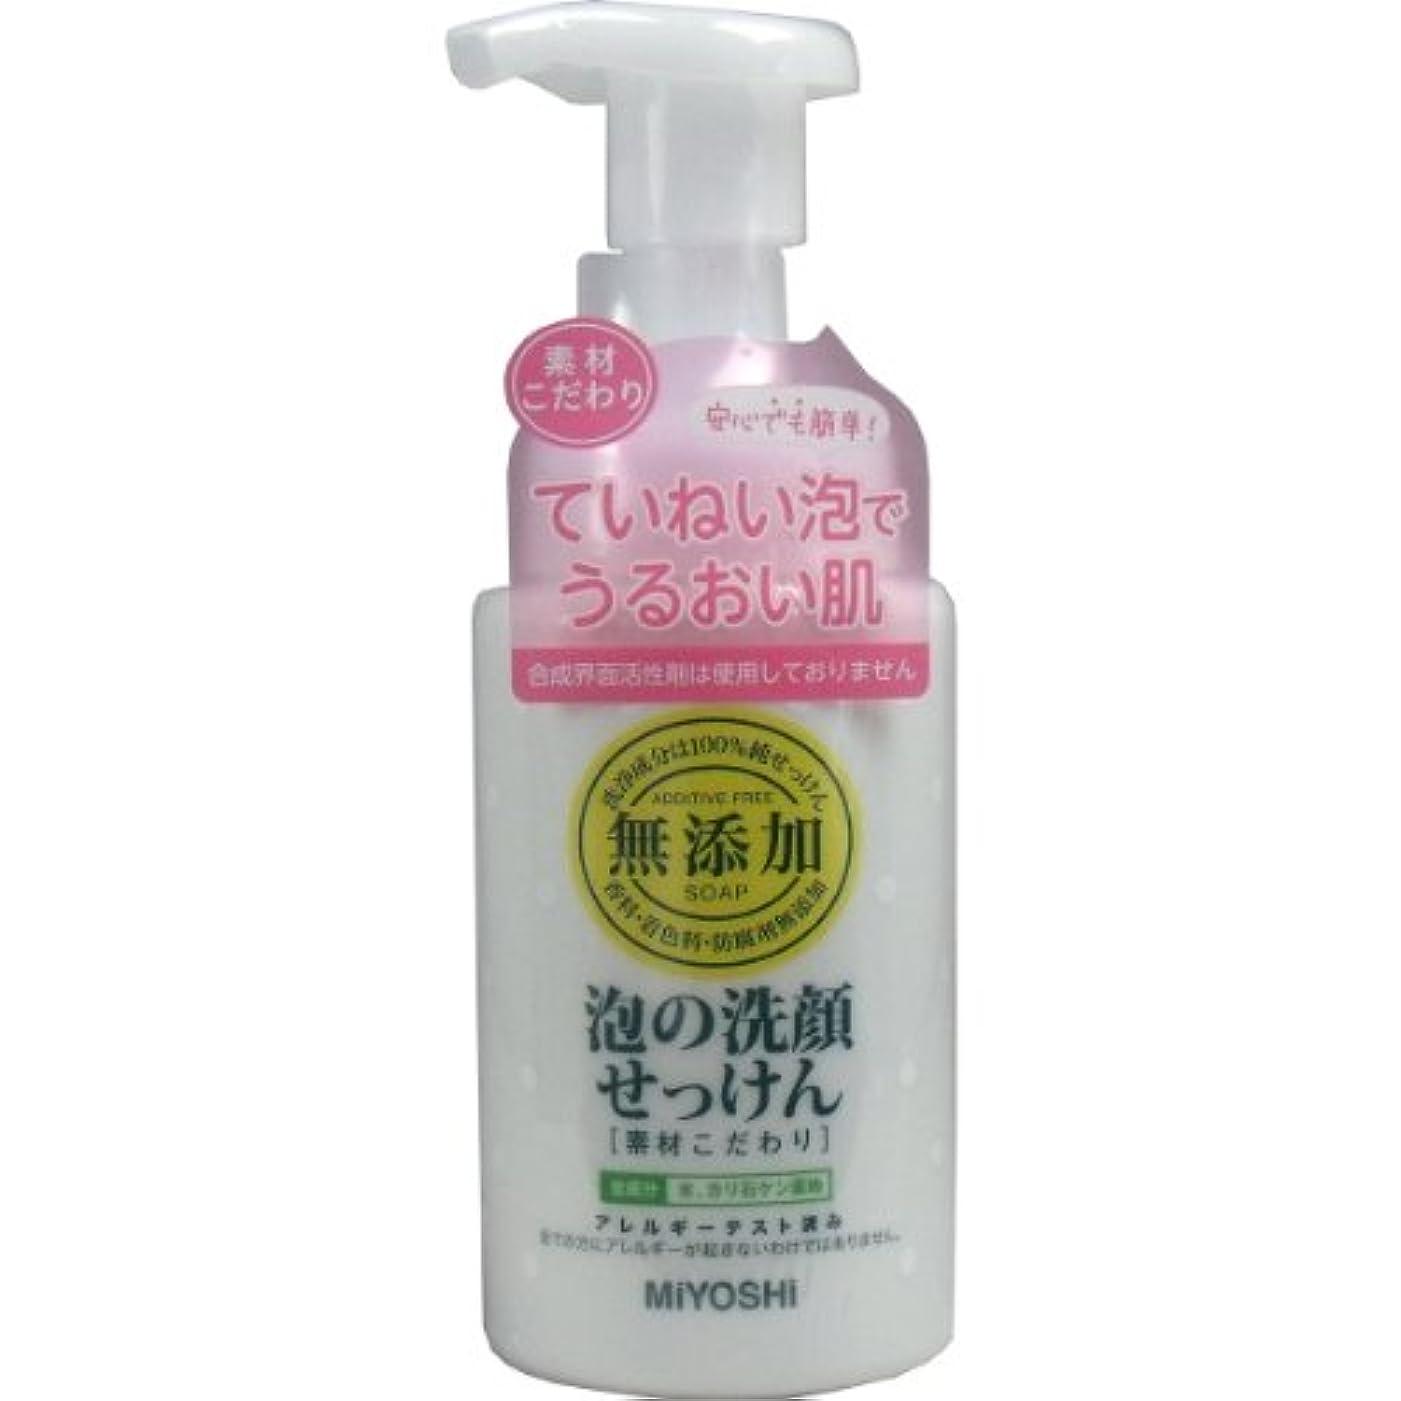 サンダー促進する実行する【ミヨシ石鹸】無添加 泡の洗顔せっけん 200ml ×20個セット